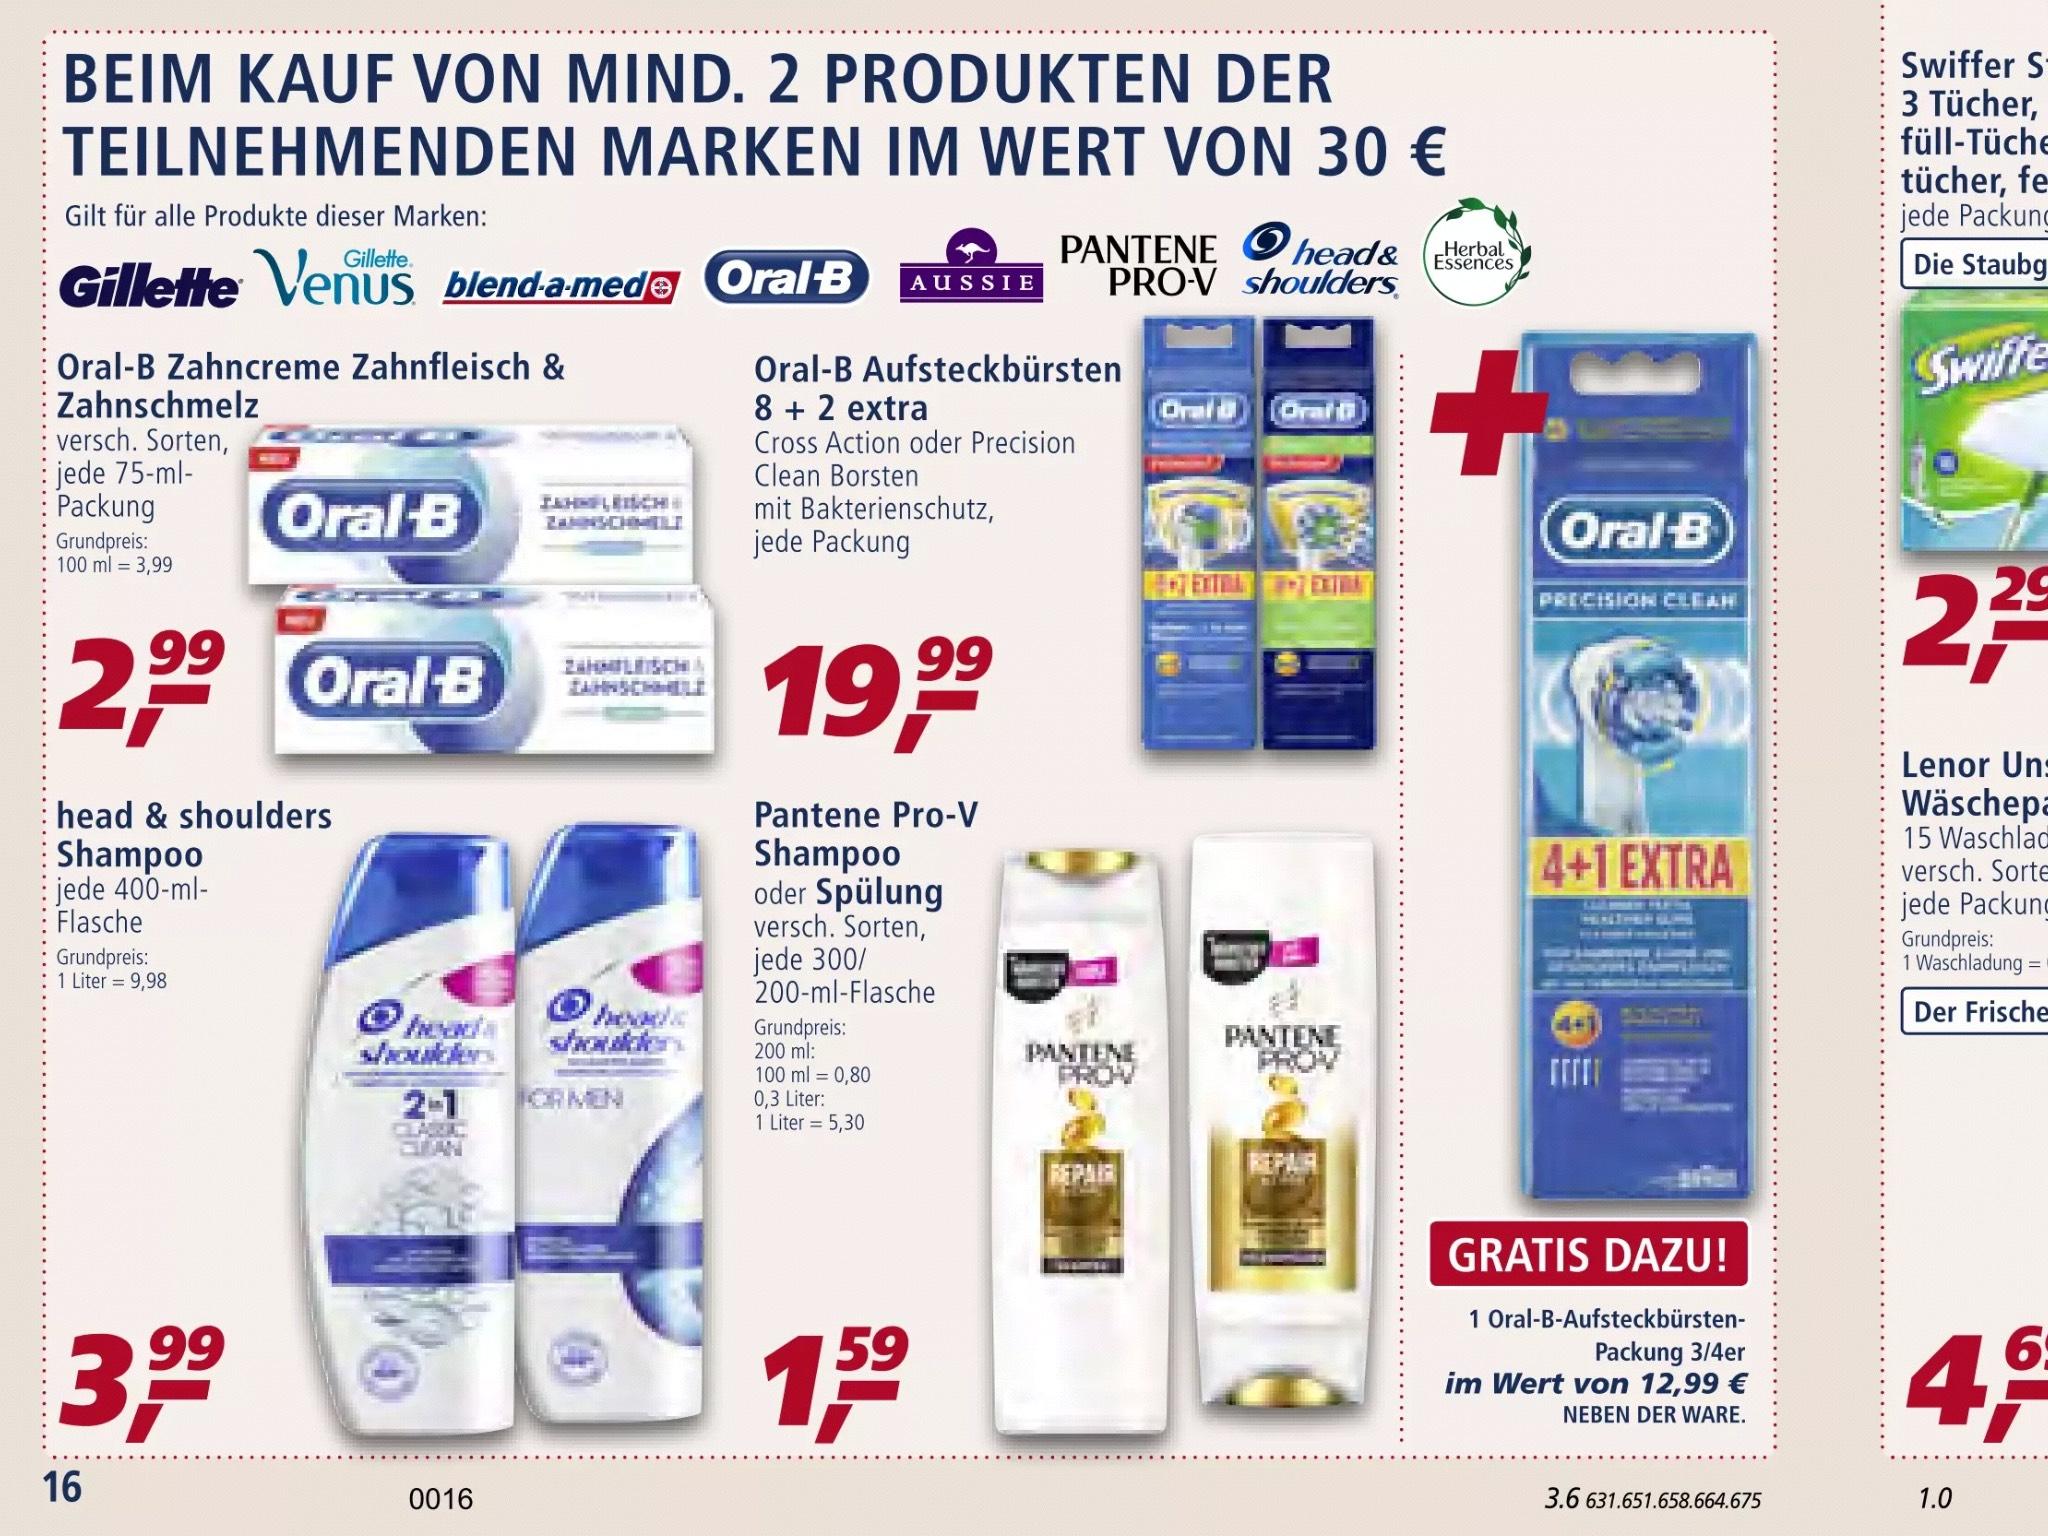 [Real] Bundesweit Oral-B Aufsteckbürsten 25 Stück für 39,98 (Stückpreis 1,60€)